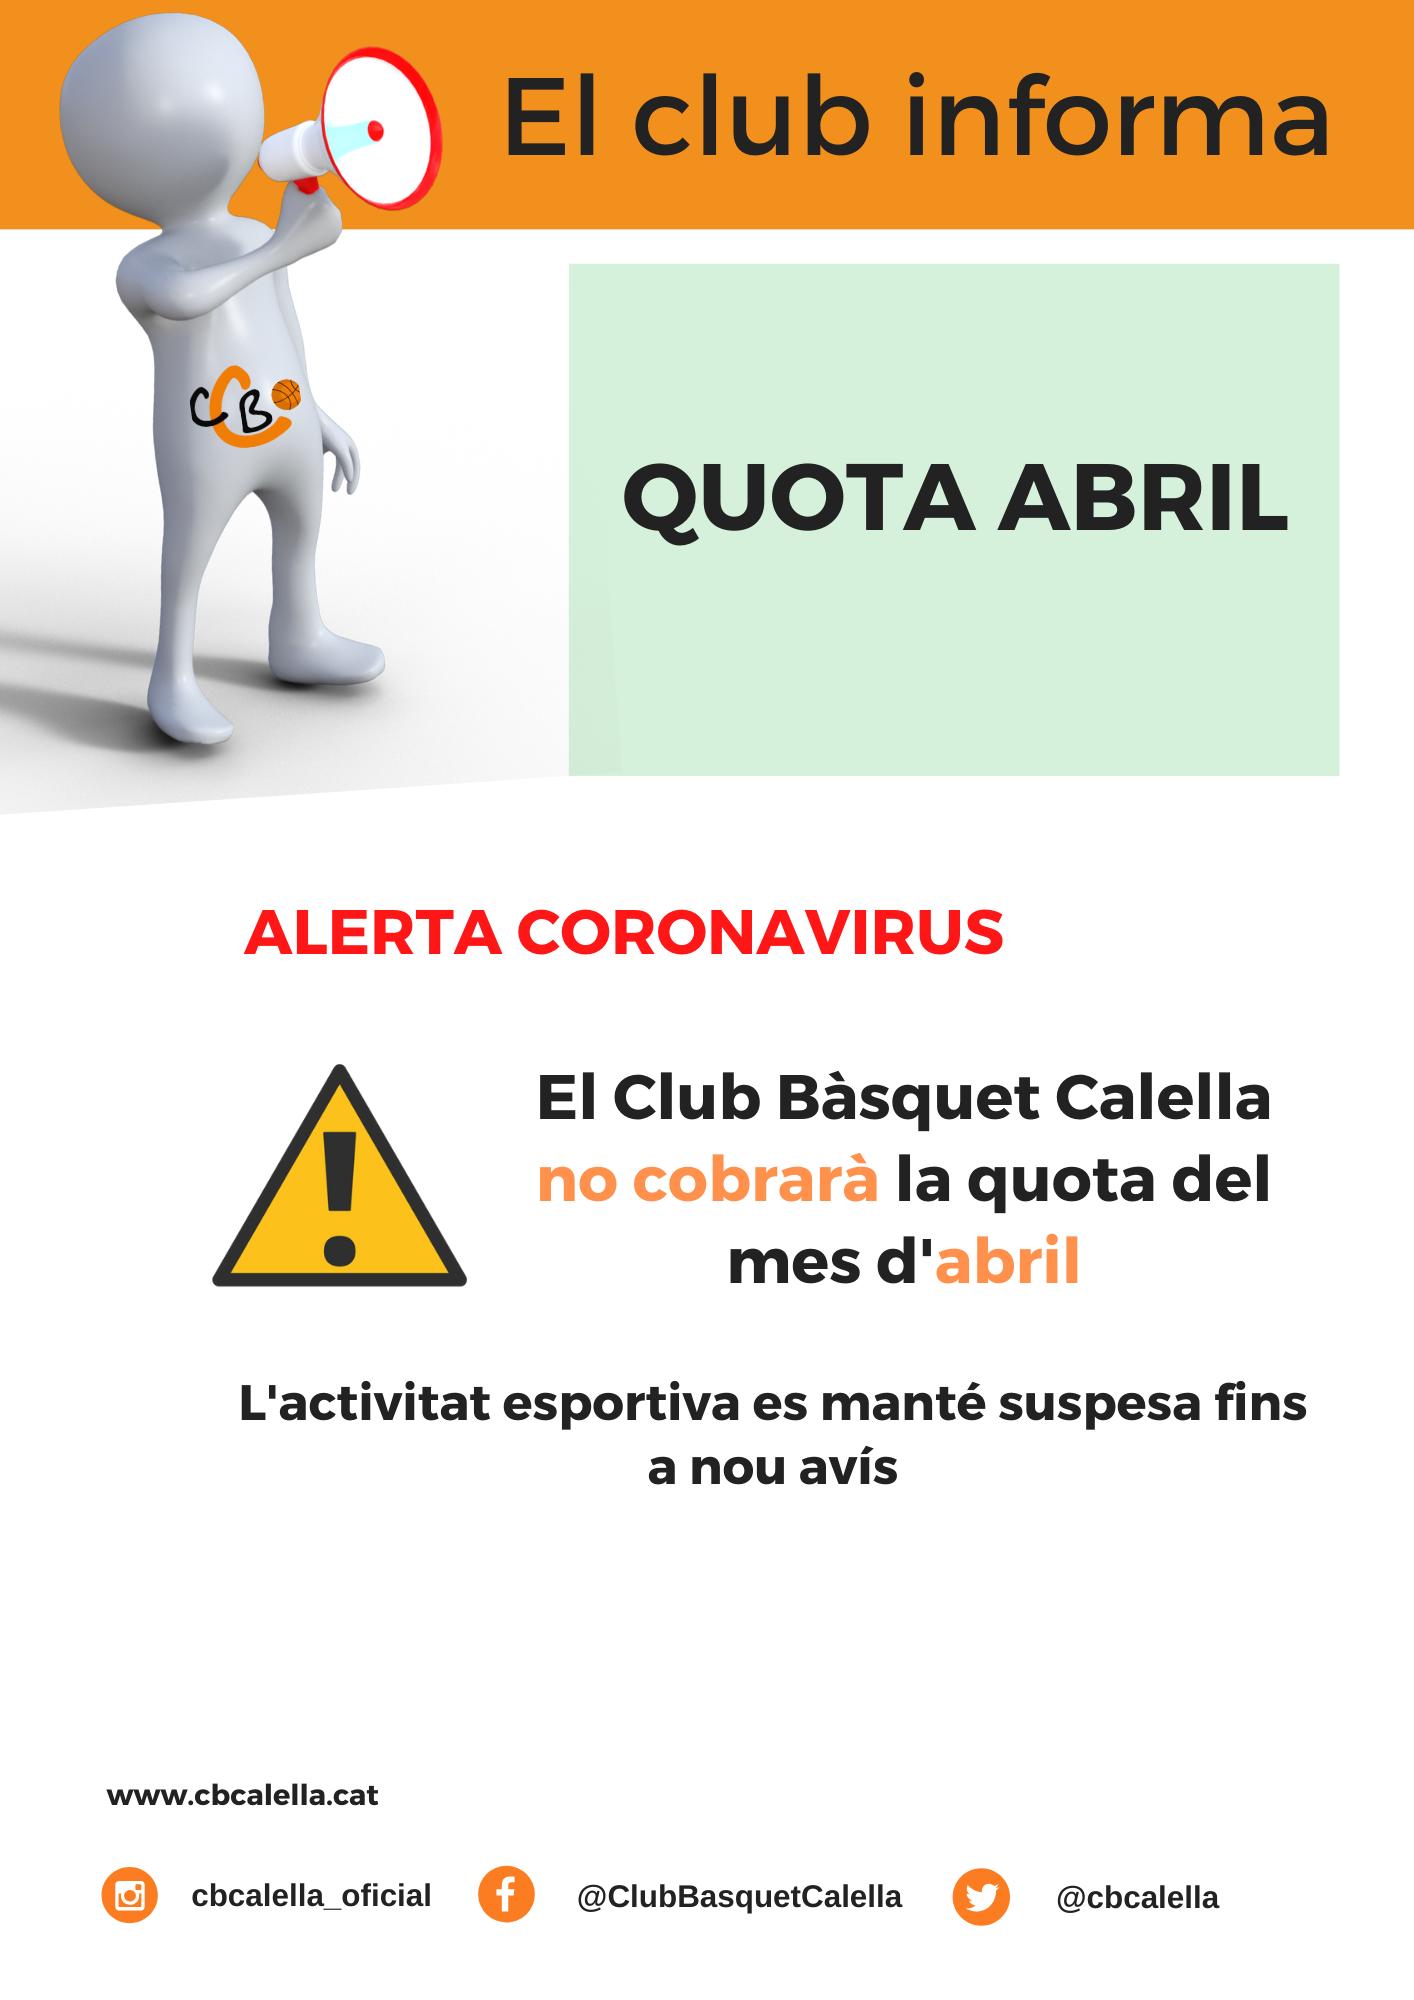 CB Calella - El club informa [10]